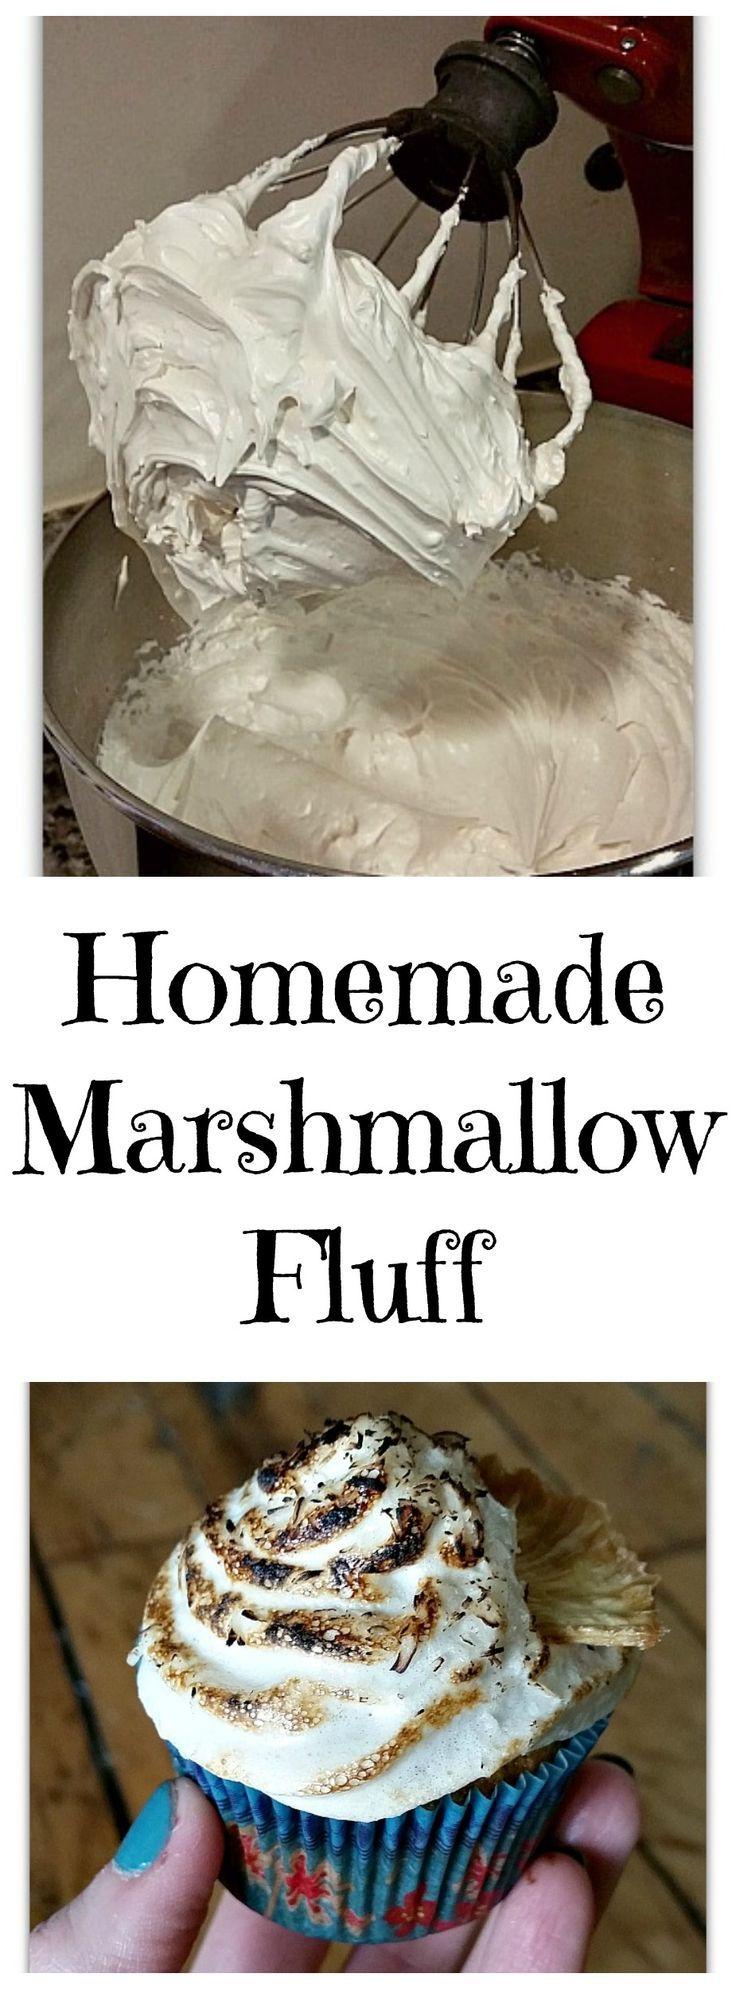 Homemade Marshmallow Fluff - Made Vegan — Morsels & Moonshine